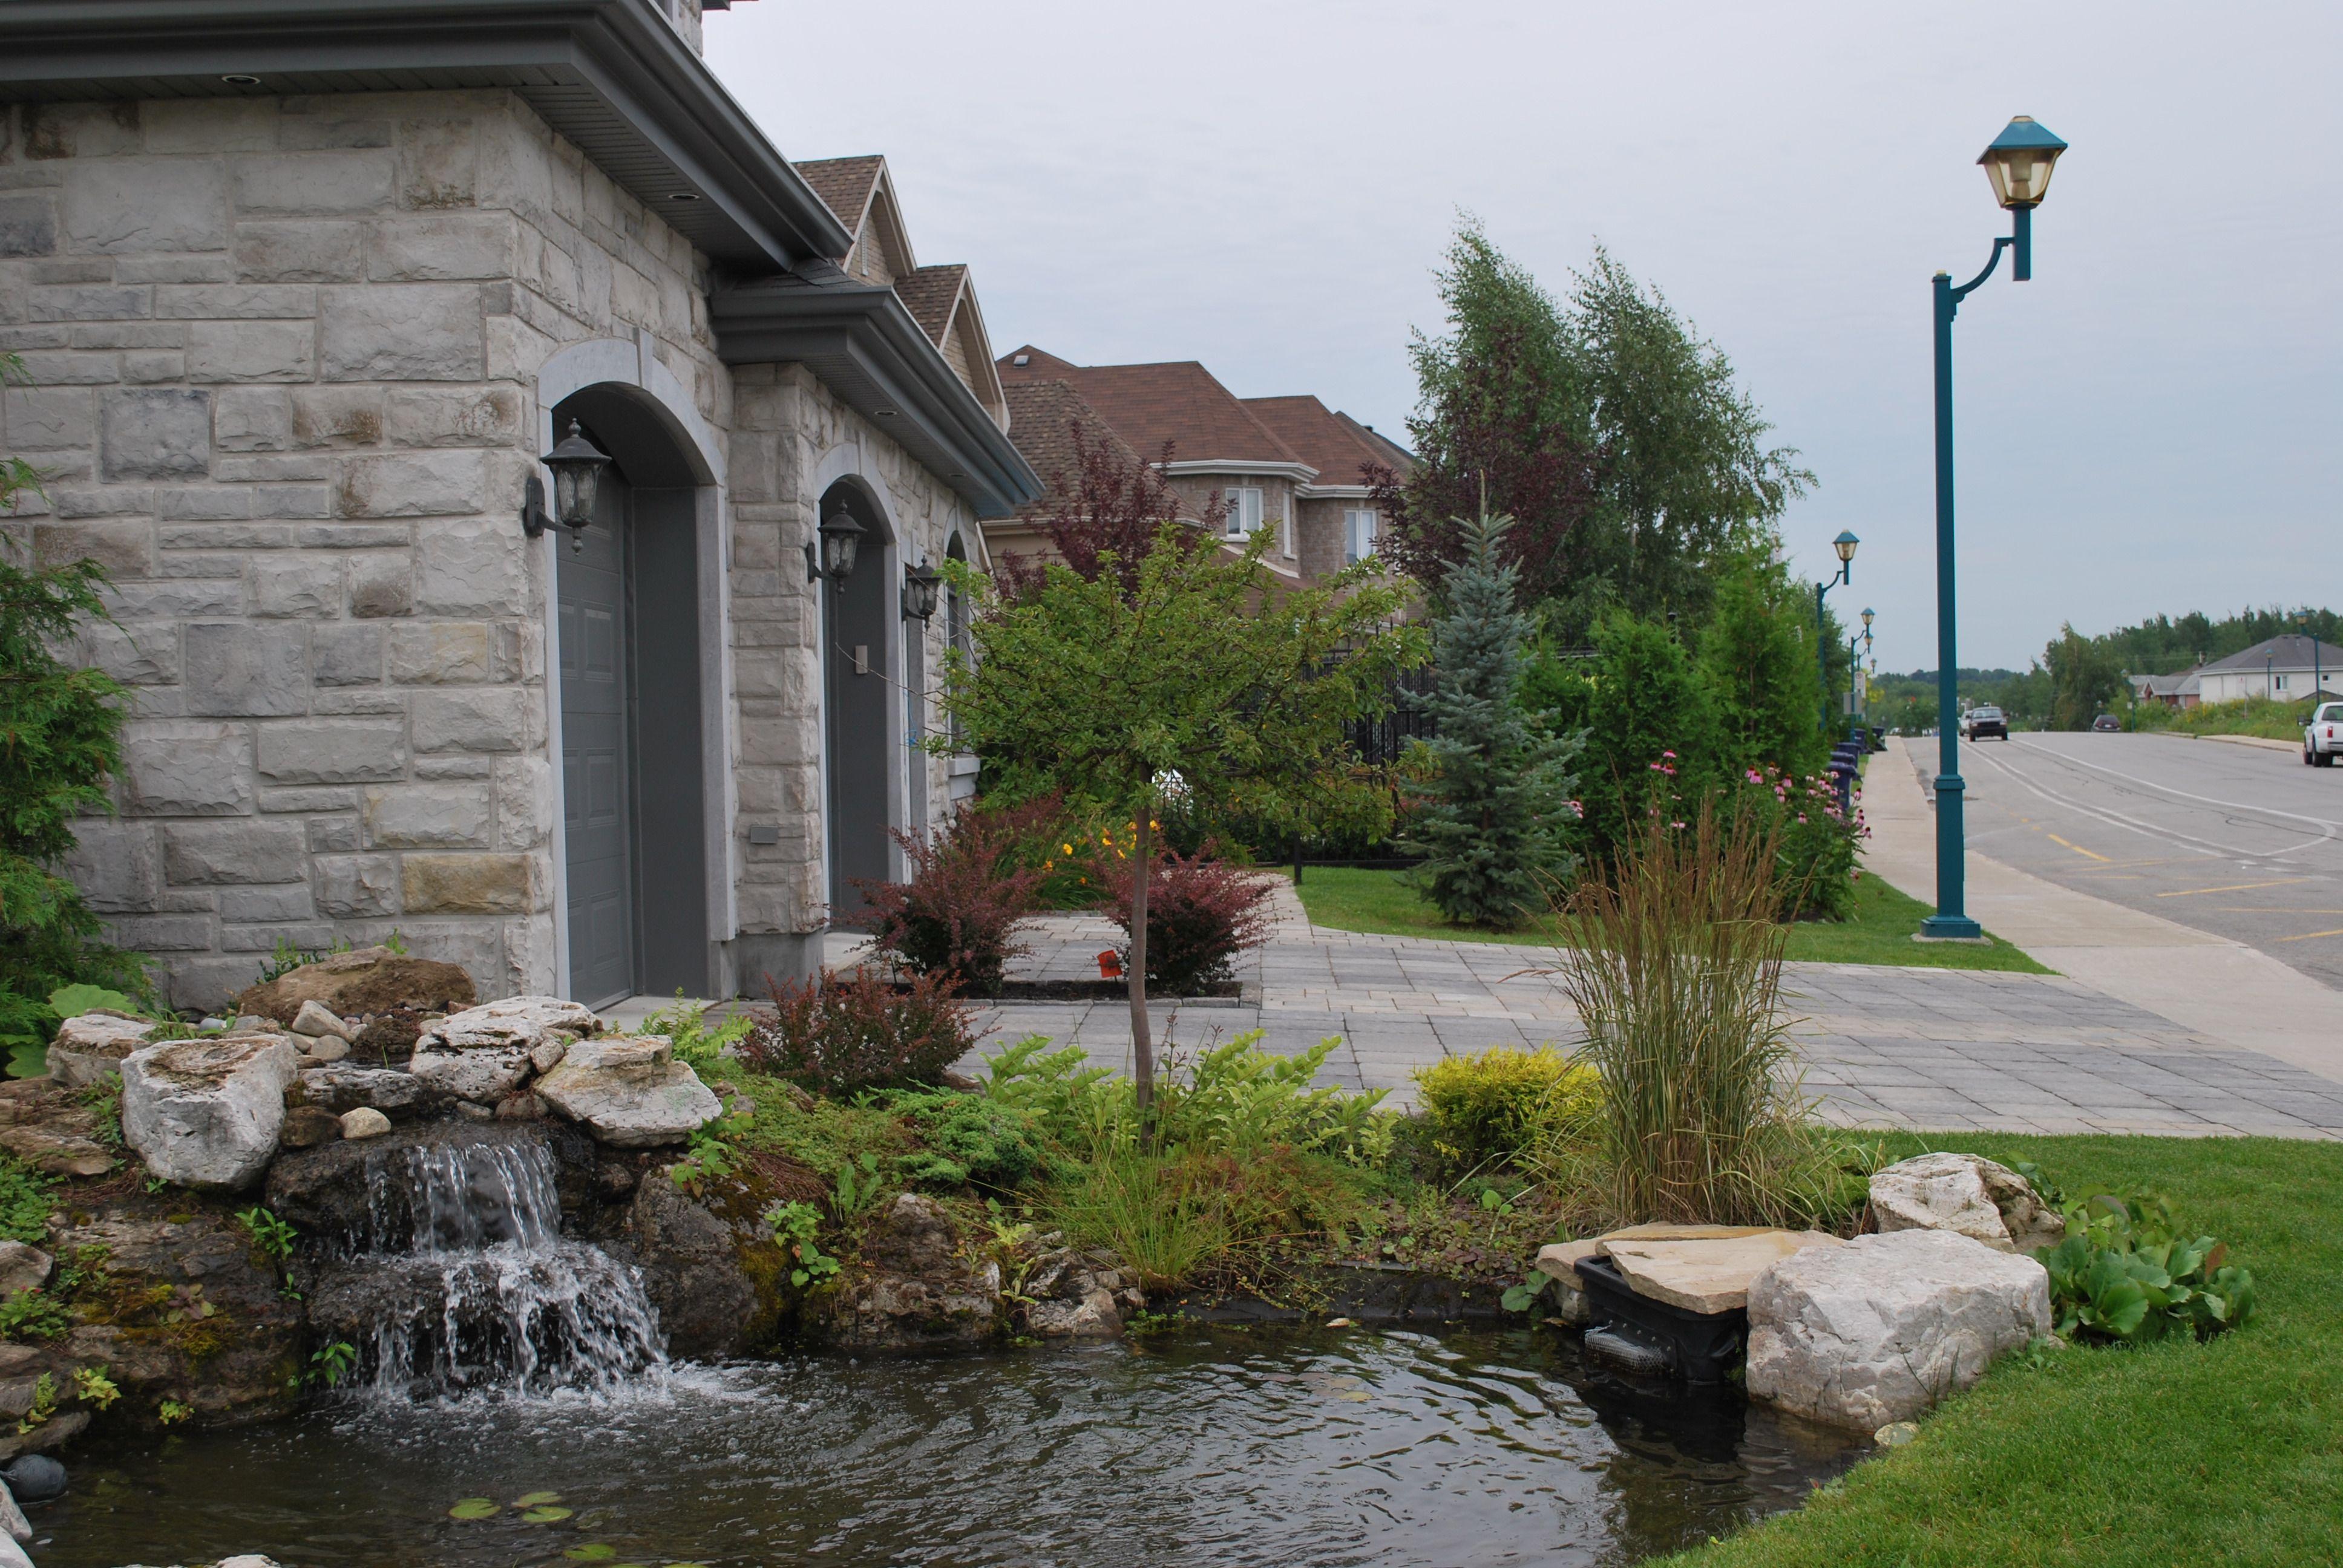 Am nagement paysager d 39 une fa ade de maison fontaine et petit tang naturel grosses pierres - Quel arbre planter devant une maison ...